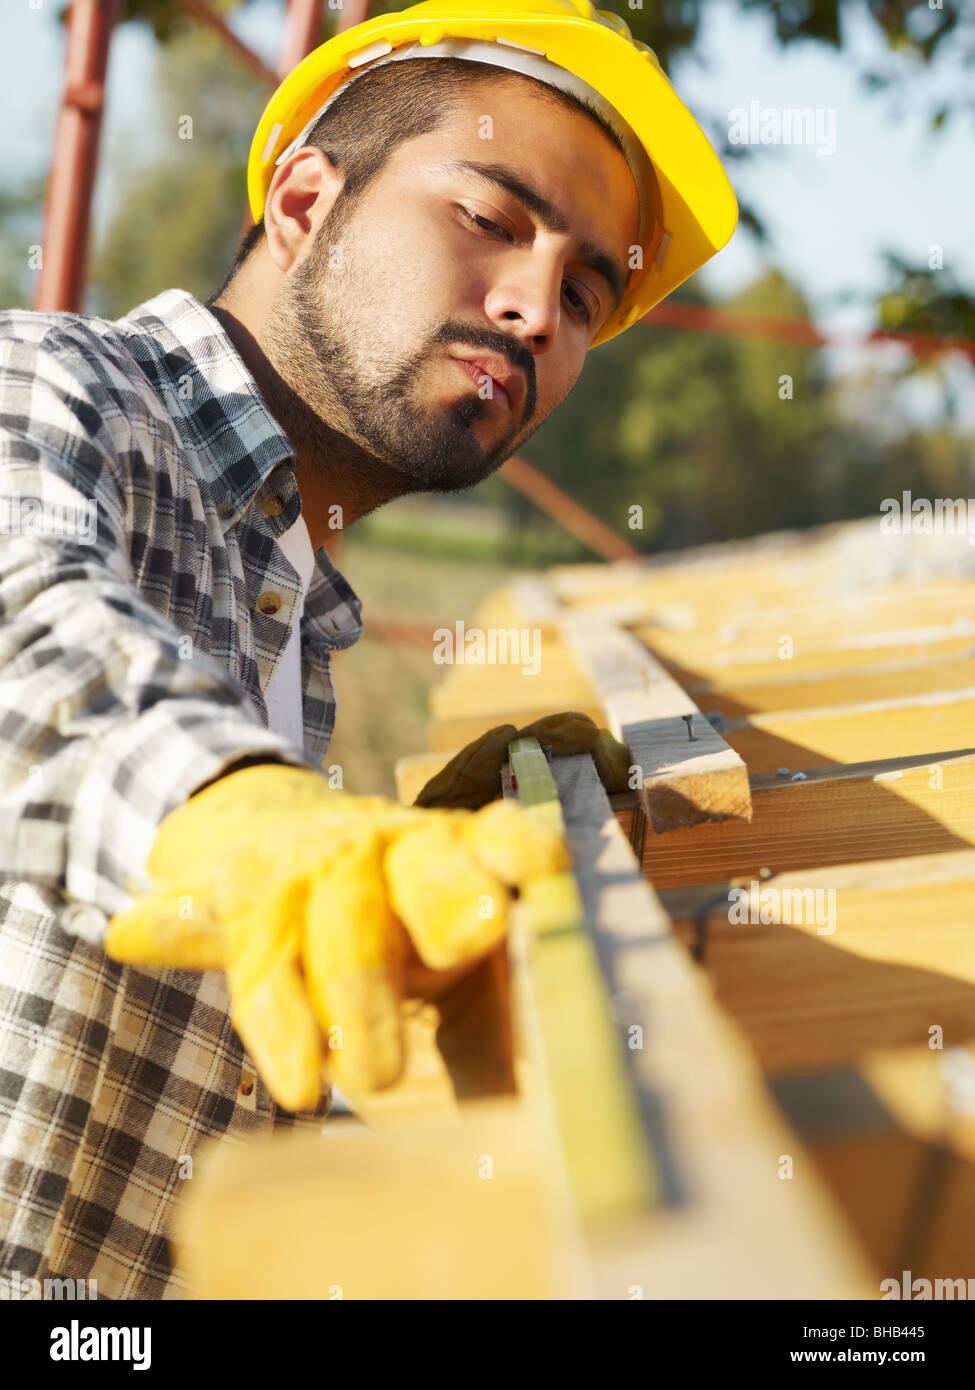 Latin American lavoratore edile sul tetto della casa con nastro di misurazione. Immagini Stock